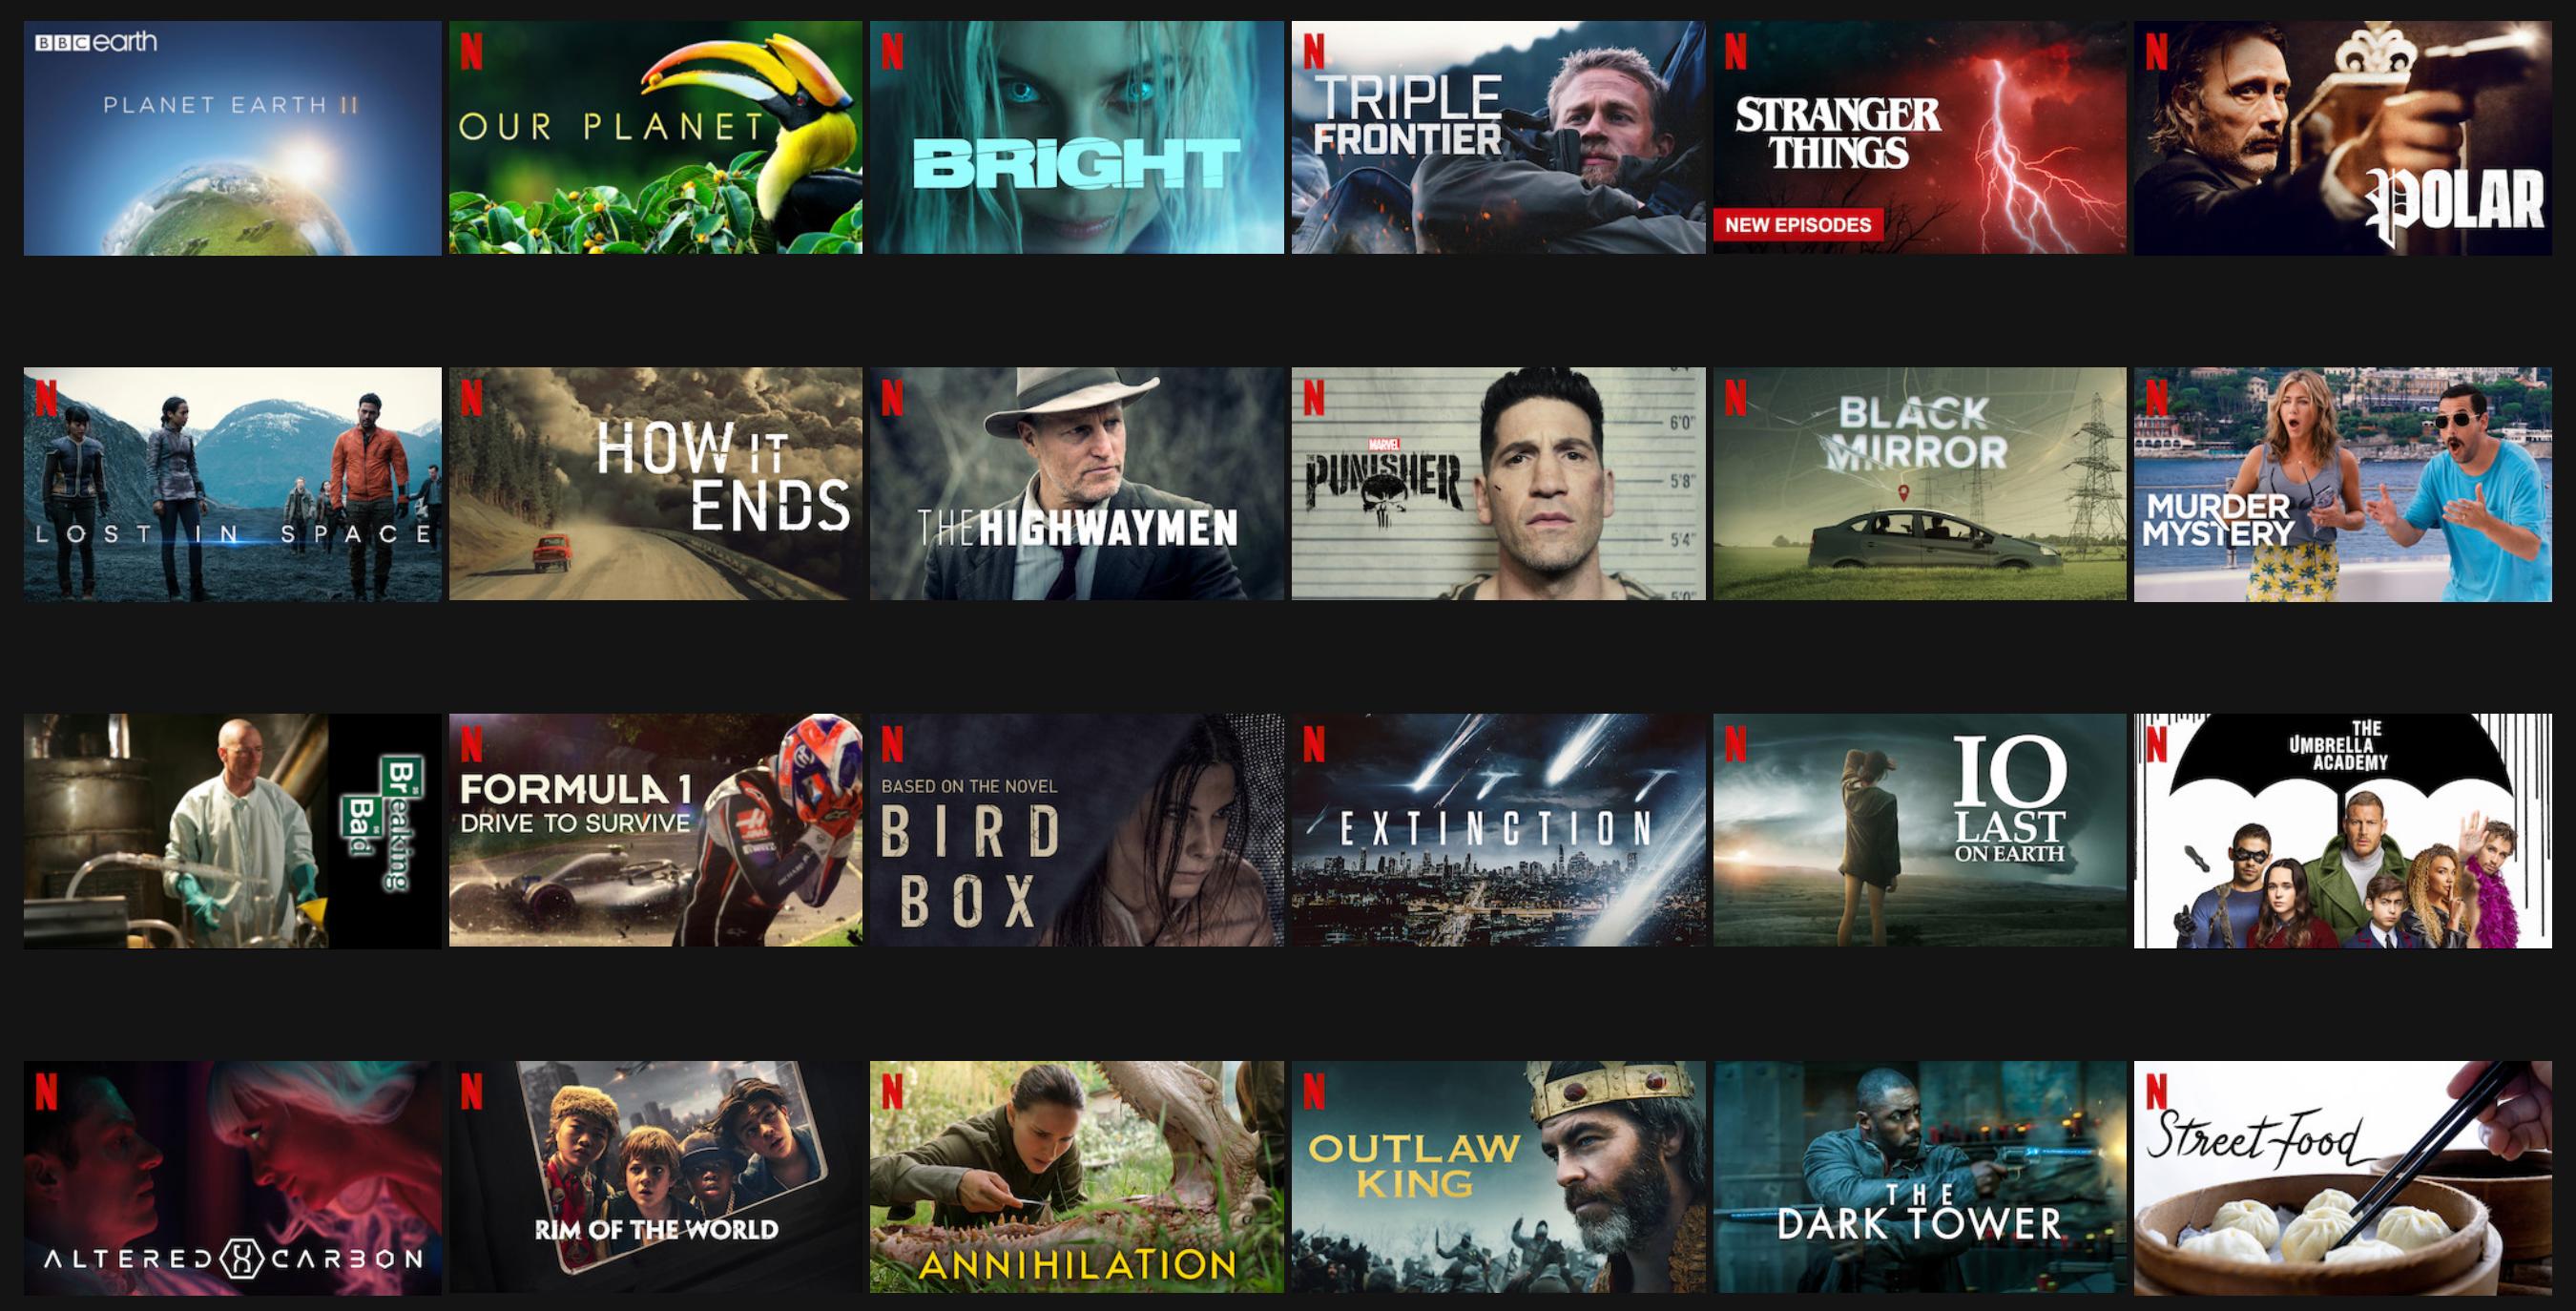 مجموعة مختارة من محتوى 4K المتاحة على Netflix الآن